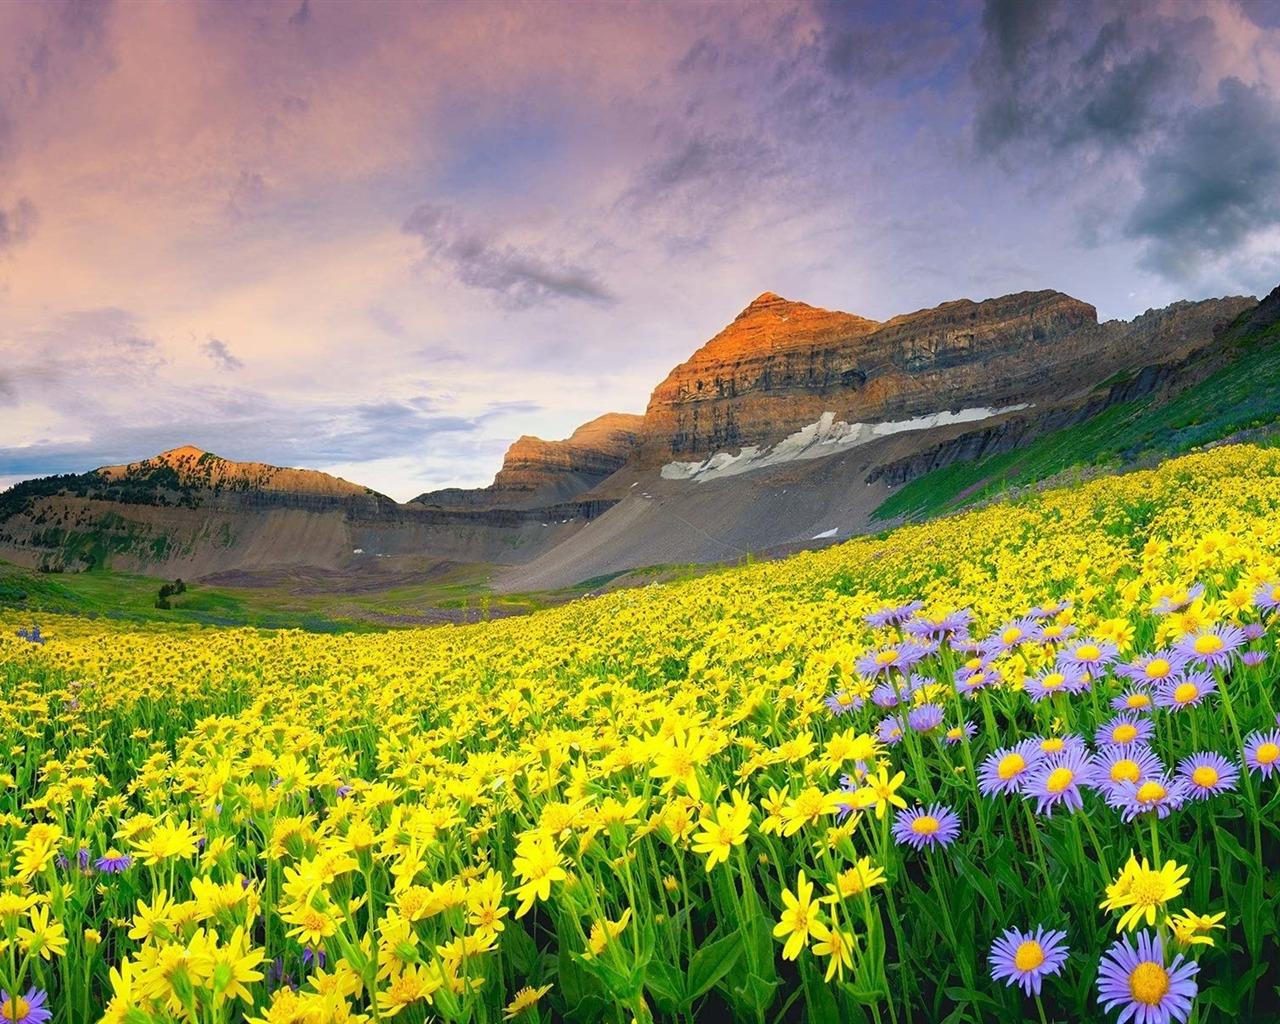 描述: 美丽的山花-风景のhd壁纸 当前壁纸尺寸: 1280 x 1024图片